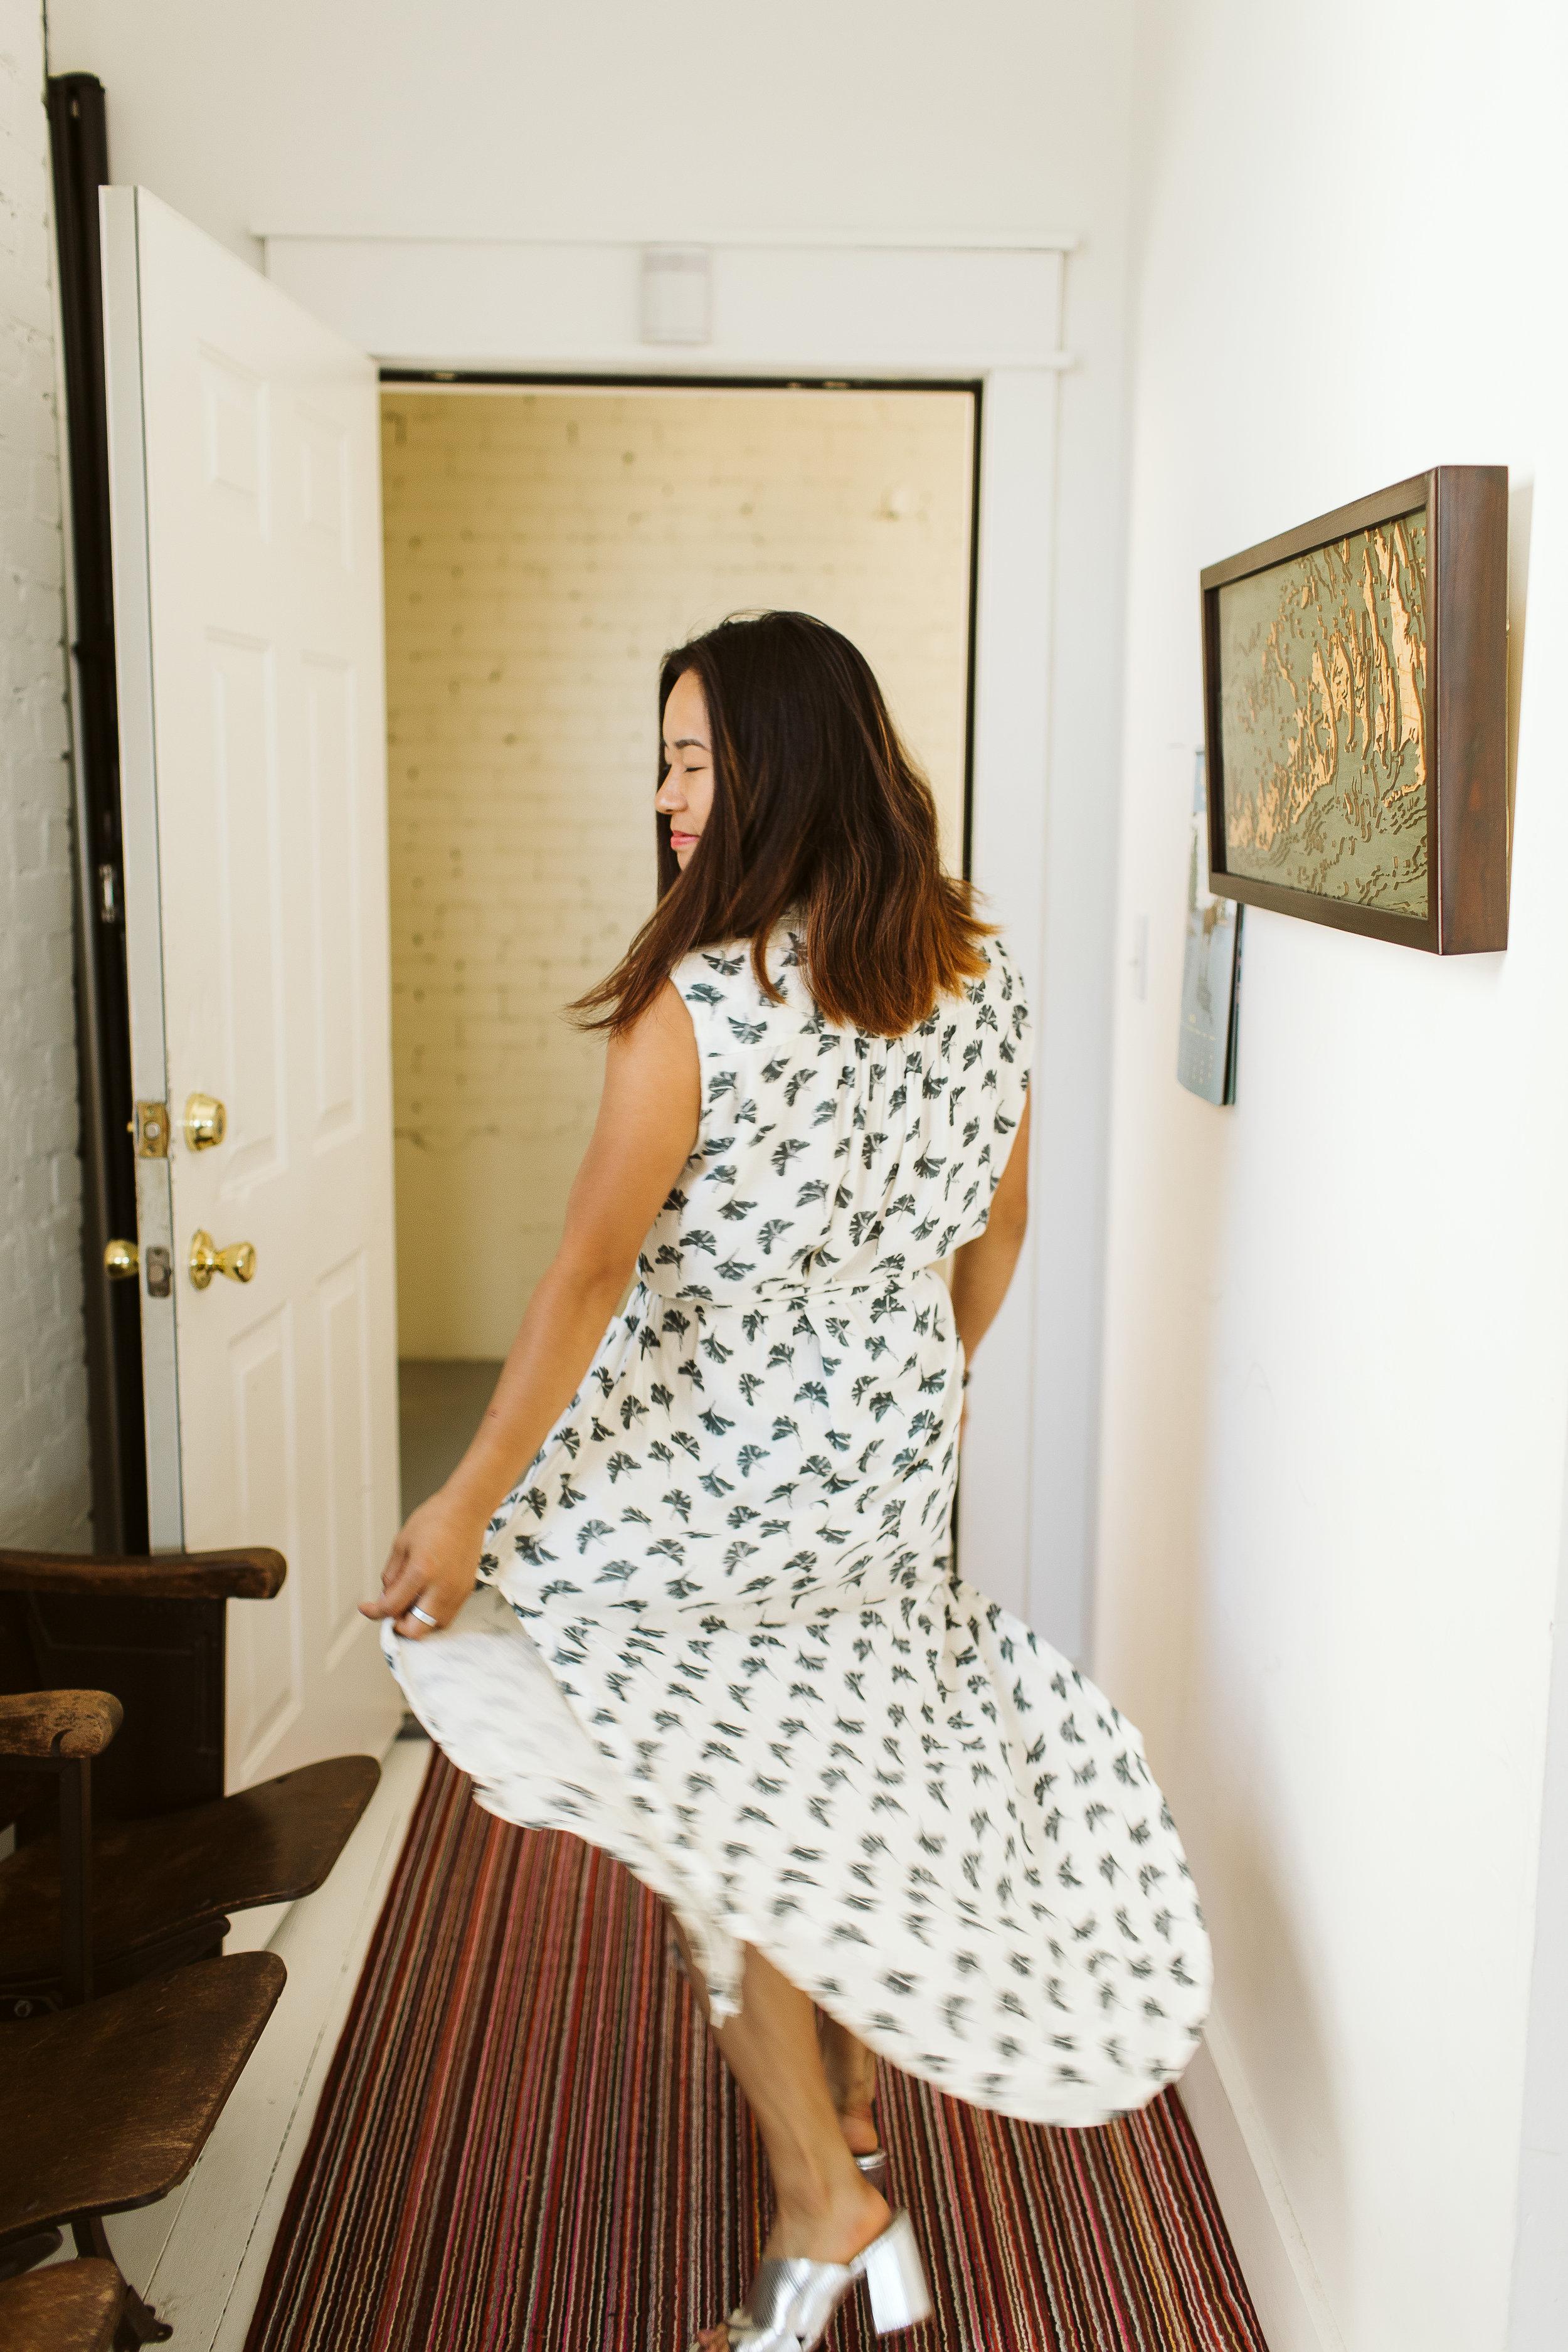 Gingko Leaf Shirtdress, Symbology Clothing.